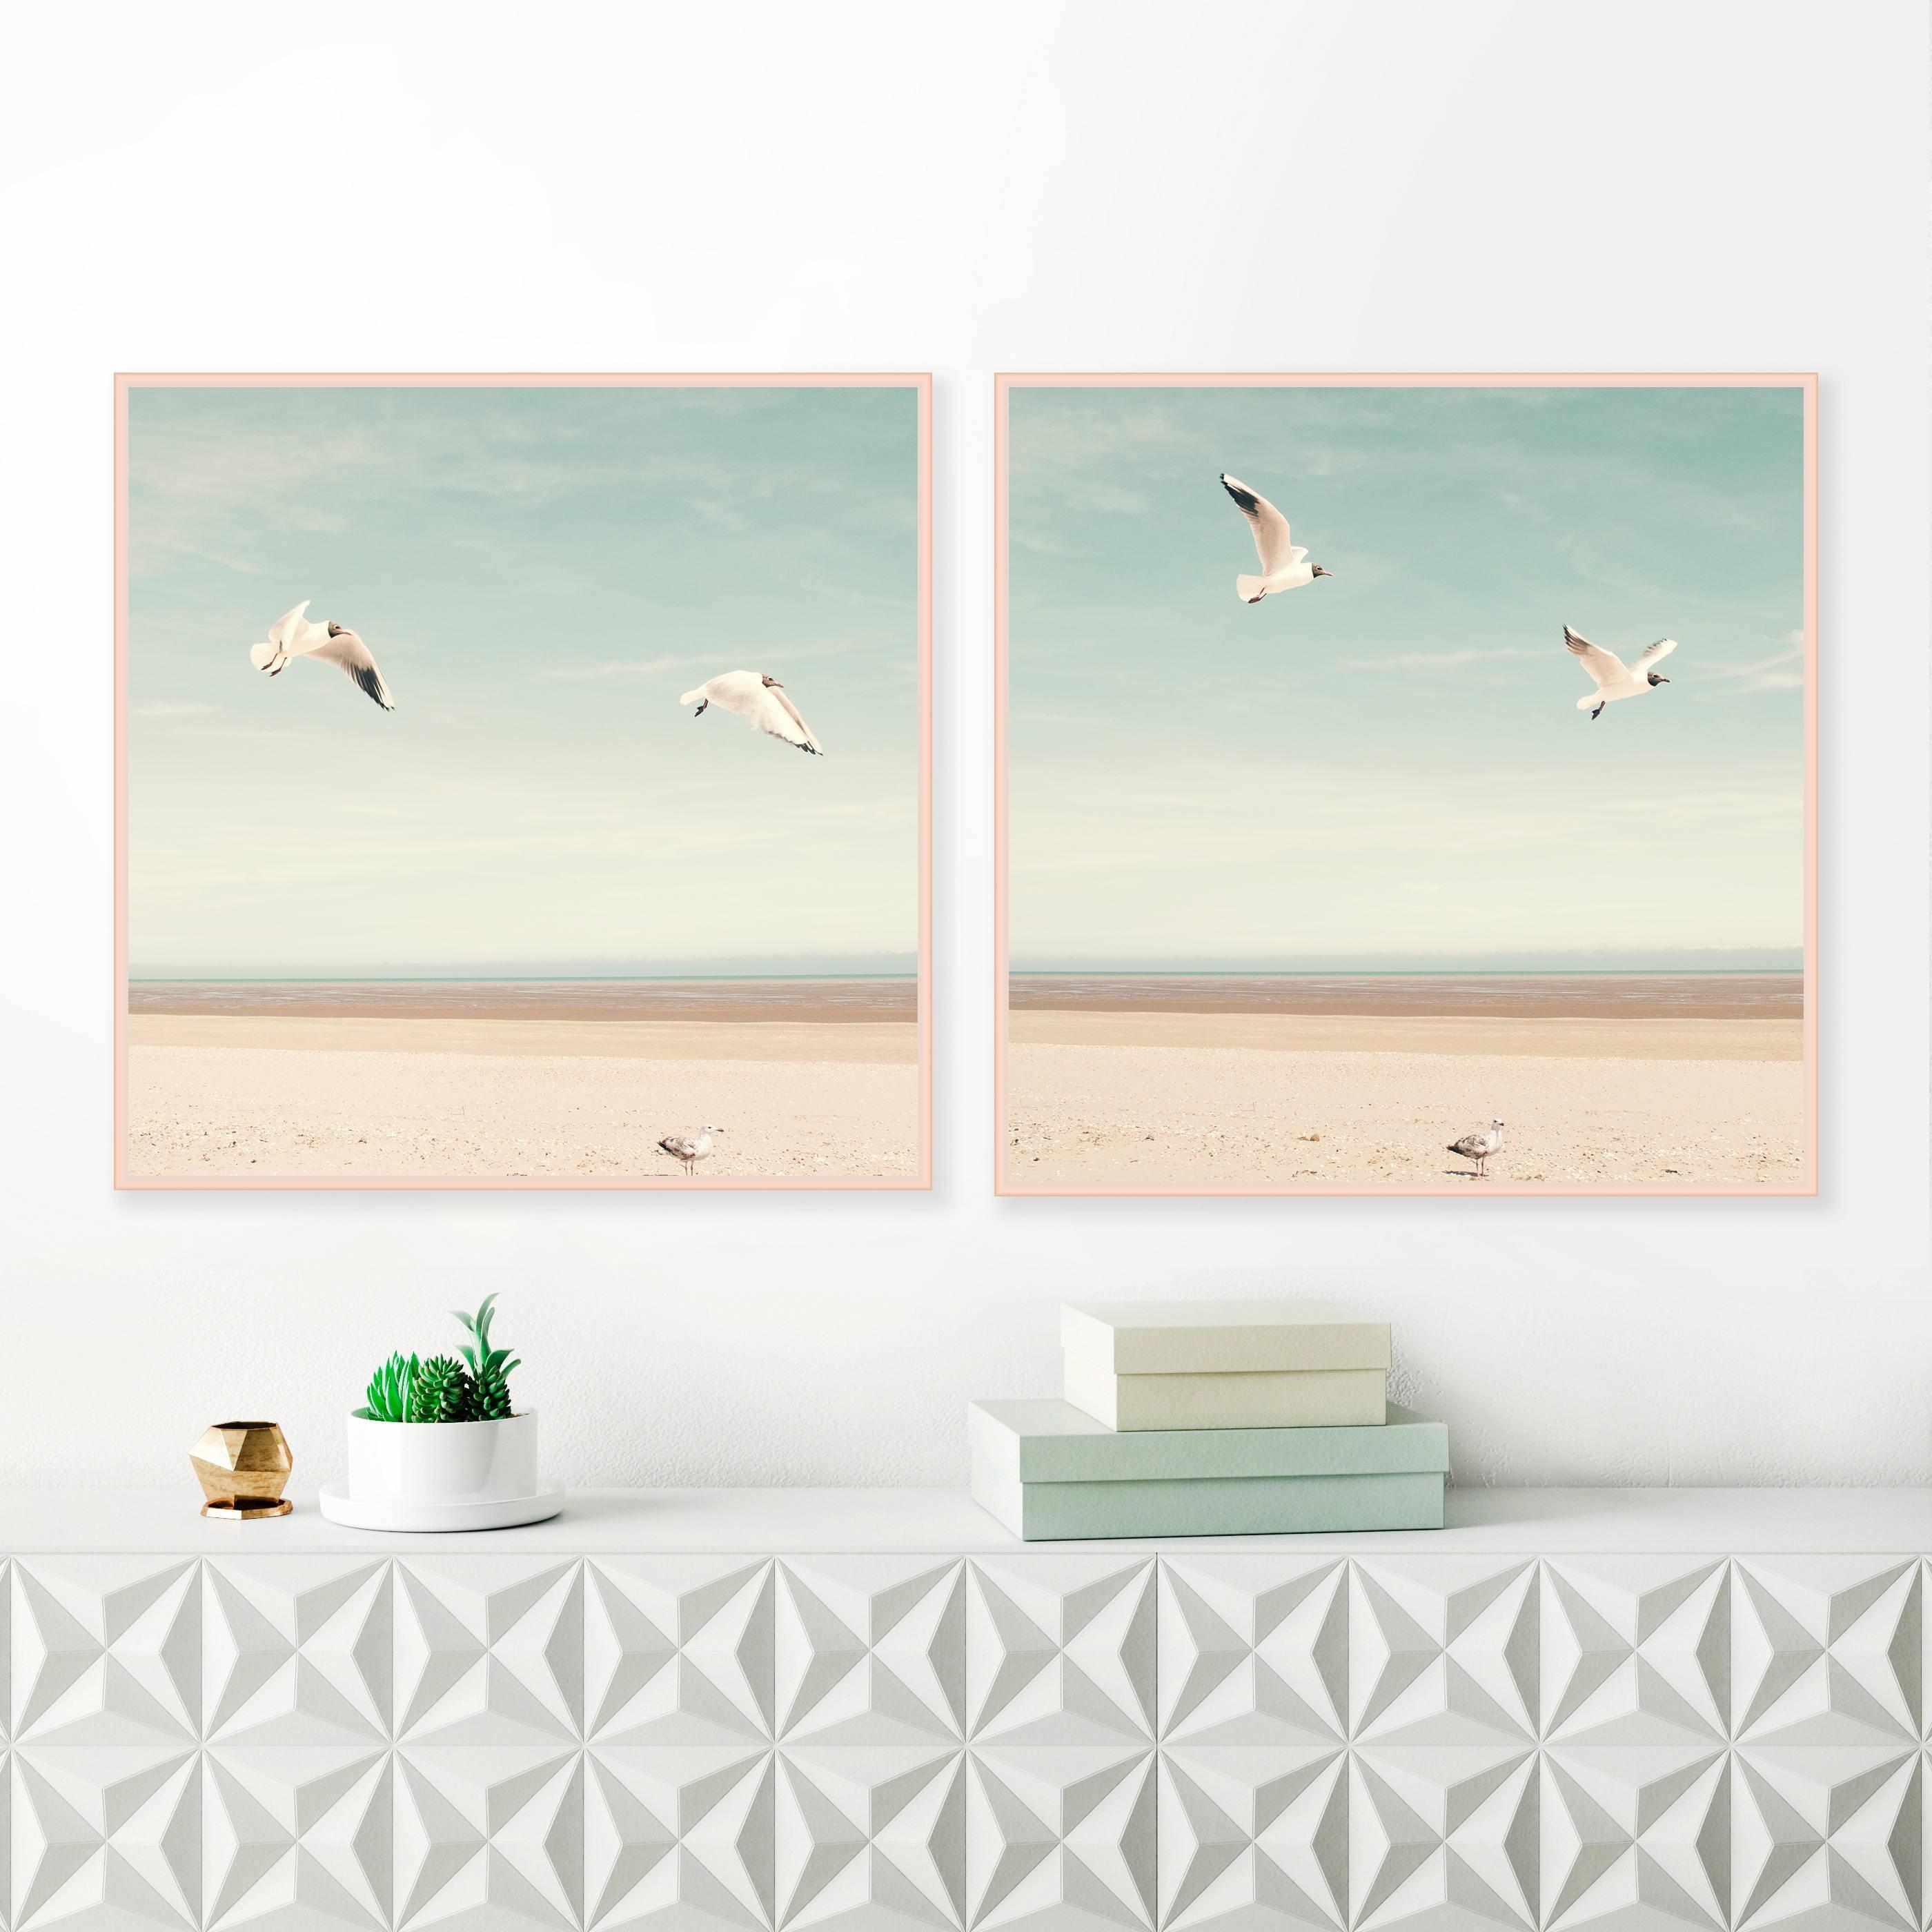 Bird Prints, Beach Photography, Beach Wall Art, Sea Gulls Inside Most Current LargeCoastal Wall Art (View 10 of 20)